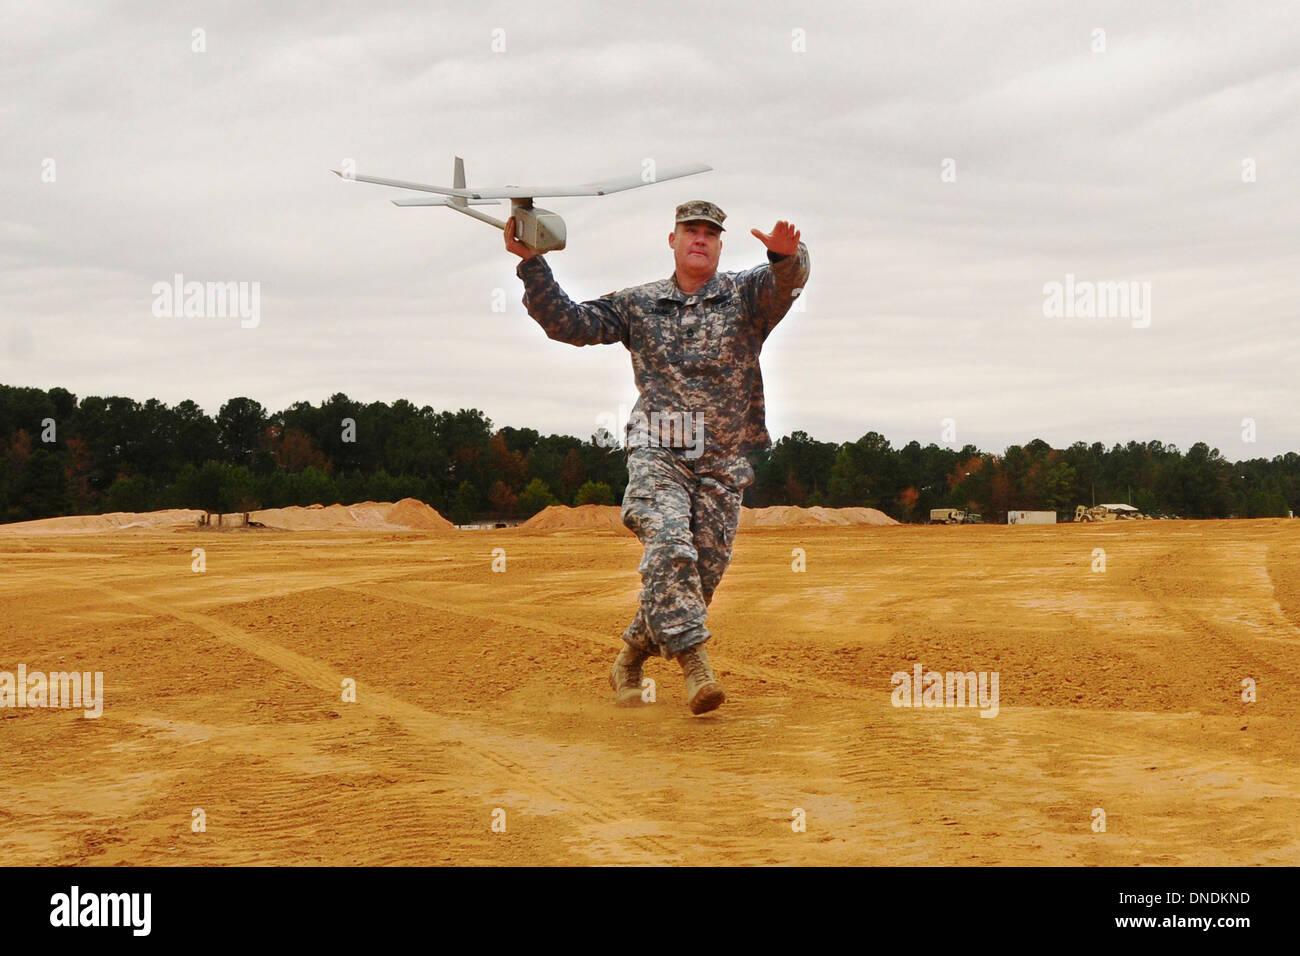 Un US Army soldier lancia un RQ-11B Raven Unmanned Aerial sistema prima di un volo di istruzioni a McCrady Training Center Novembre 21, 2013 in Eastover, S.C. Immagini Stock